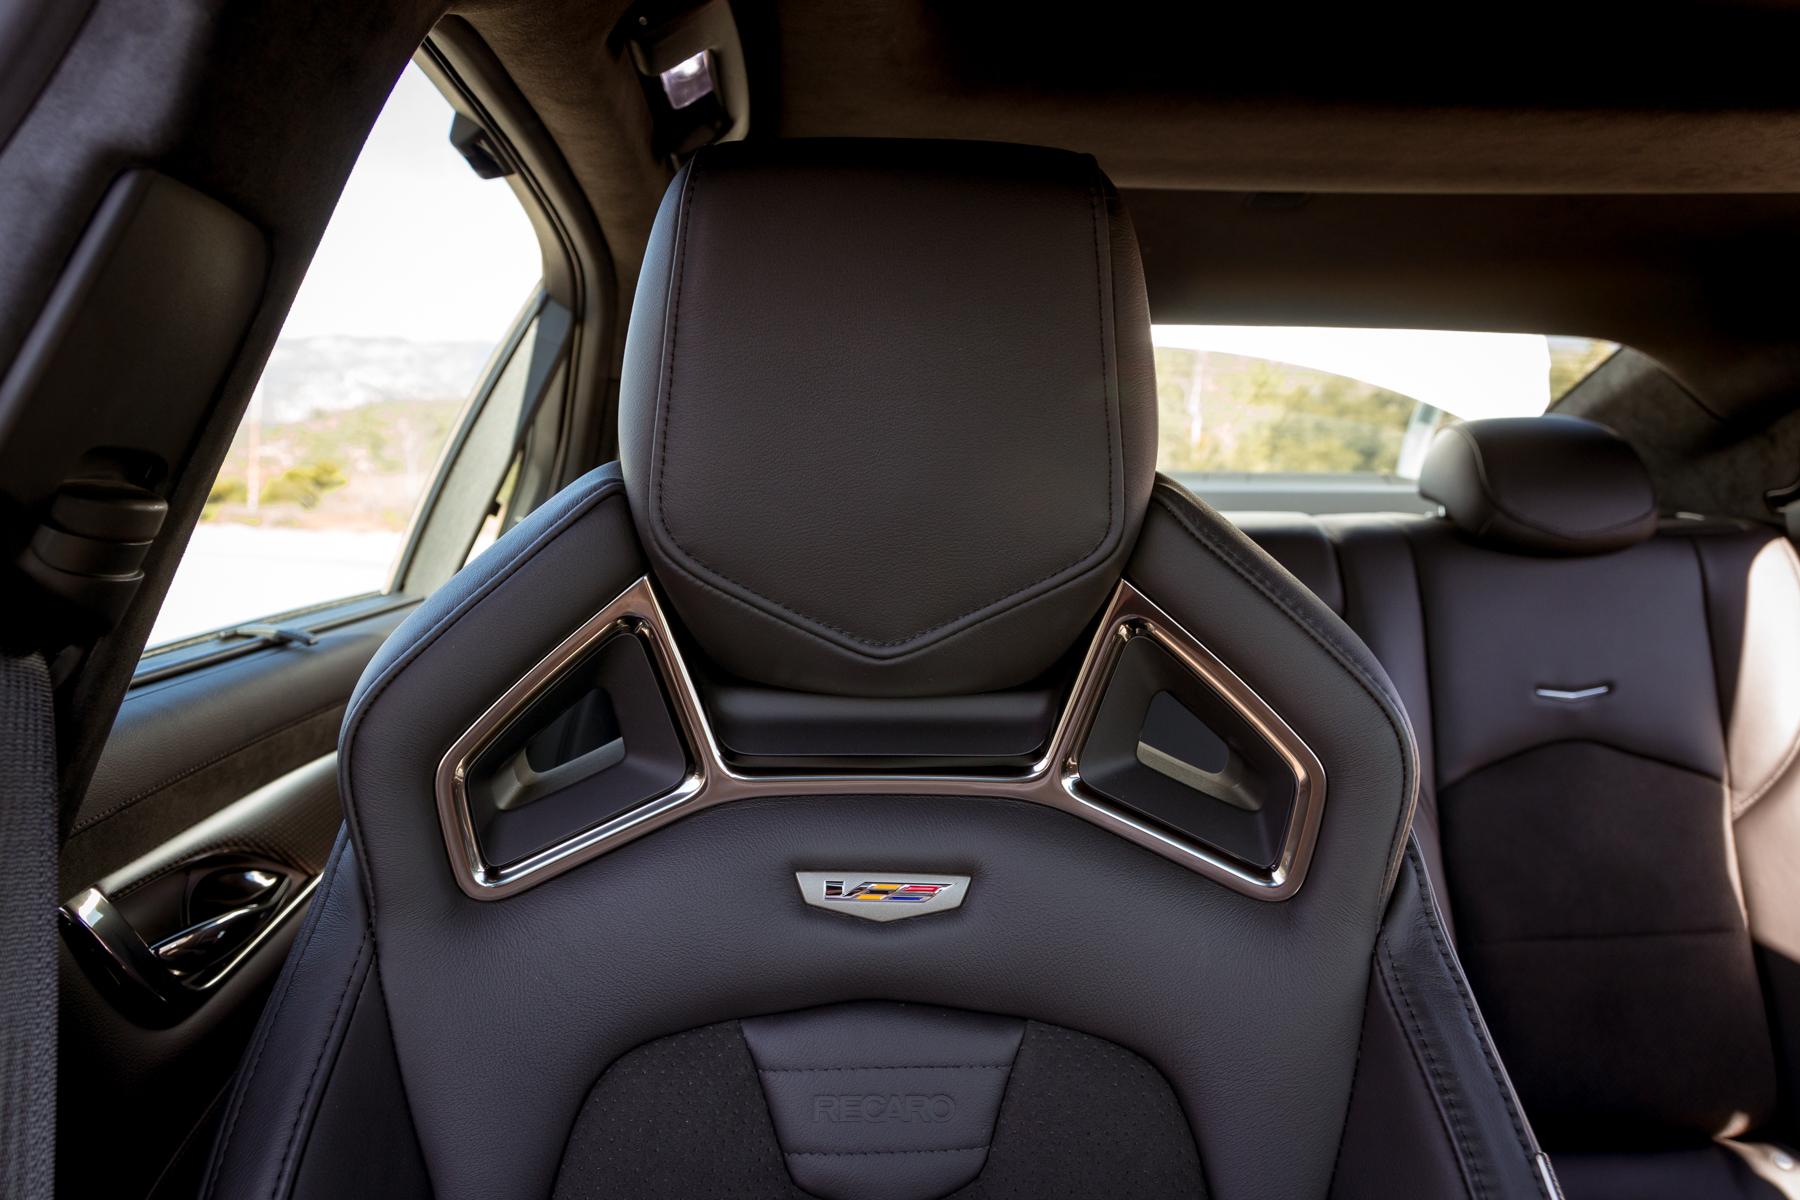 2017 Cadillac Cts V Review Gtspirit